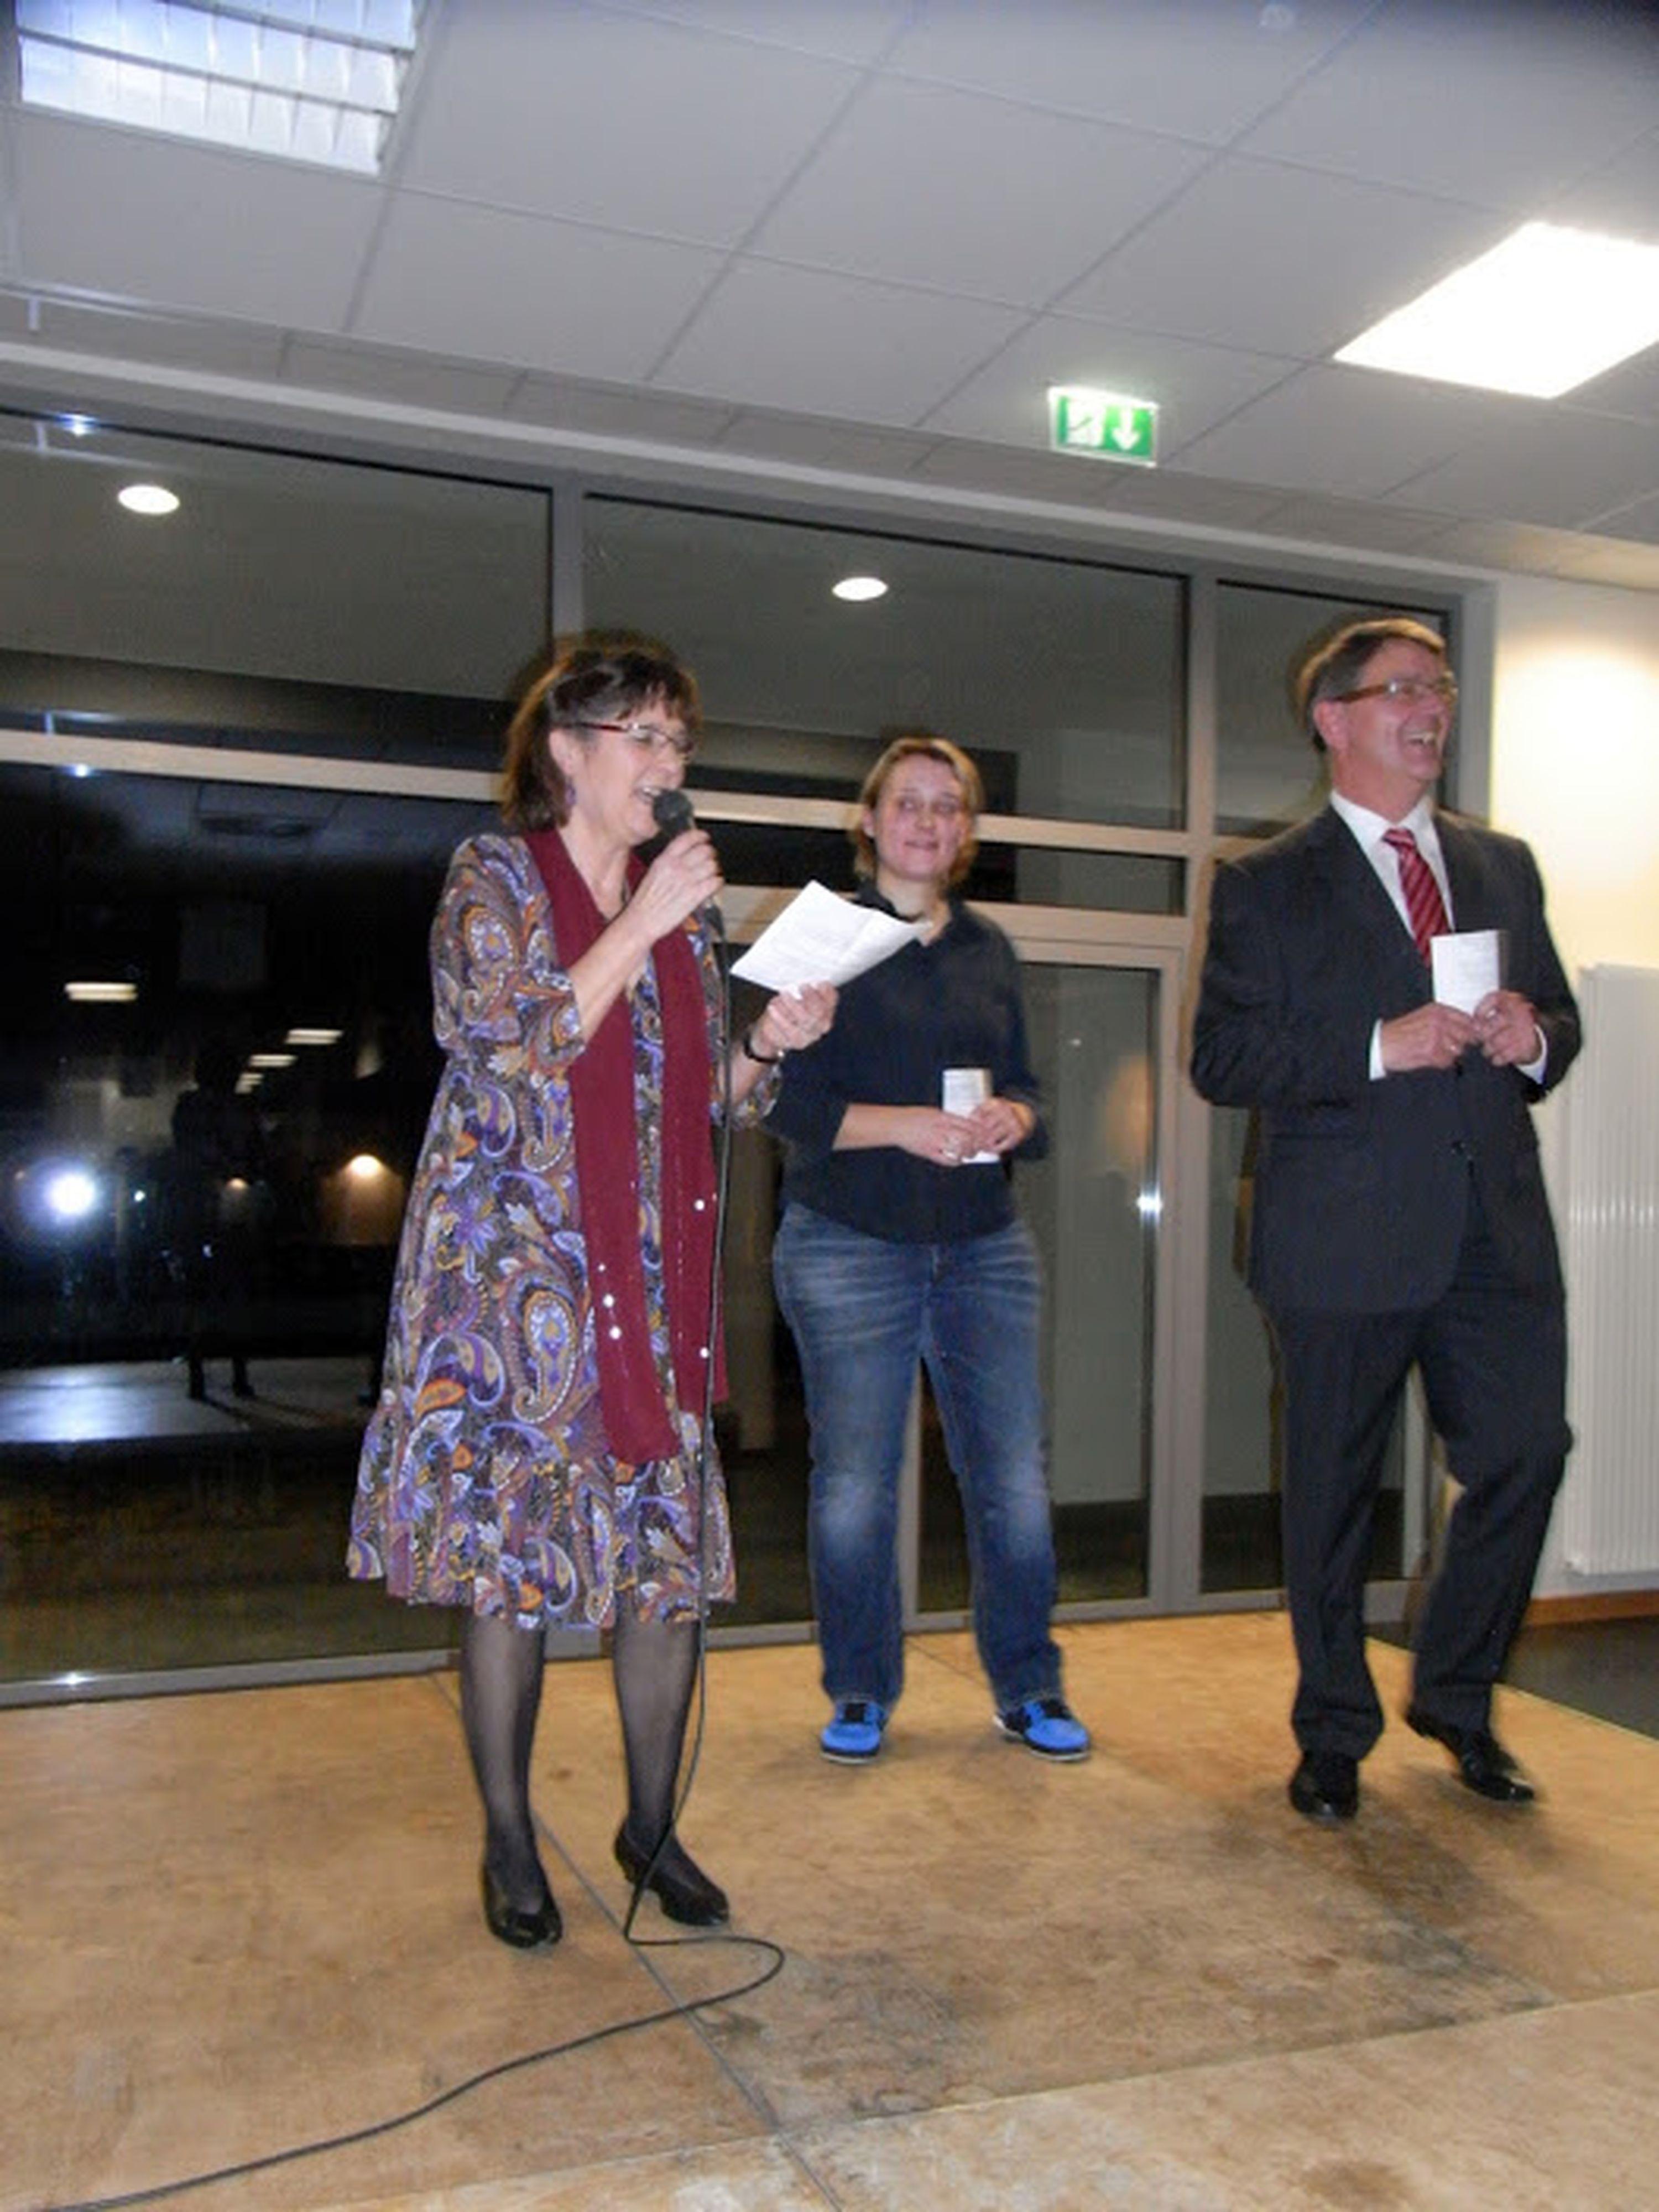 Nytårskurt 2012 i Ratzeburg